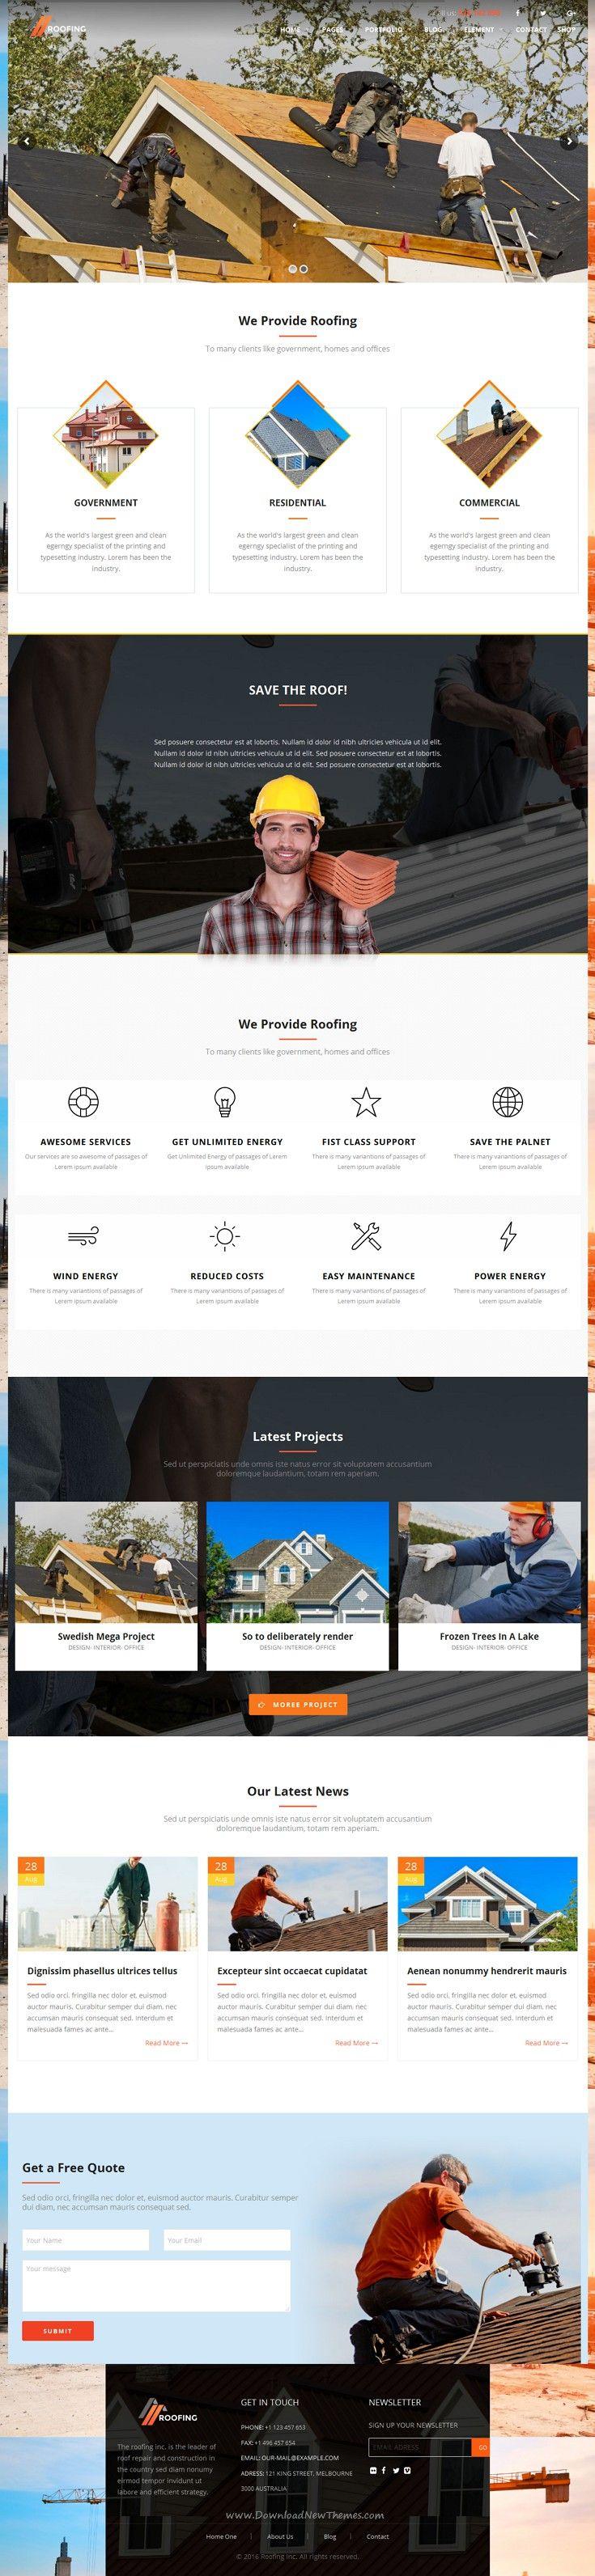 6321 besten Wordpress Theme Bilder auf Pinterest | Wordpress theme ...